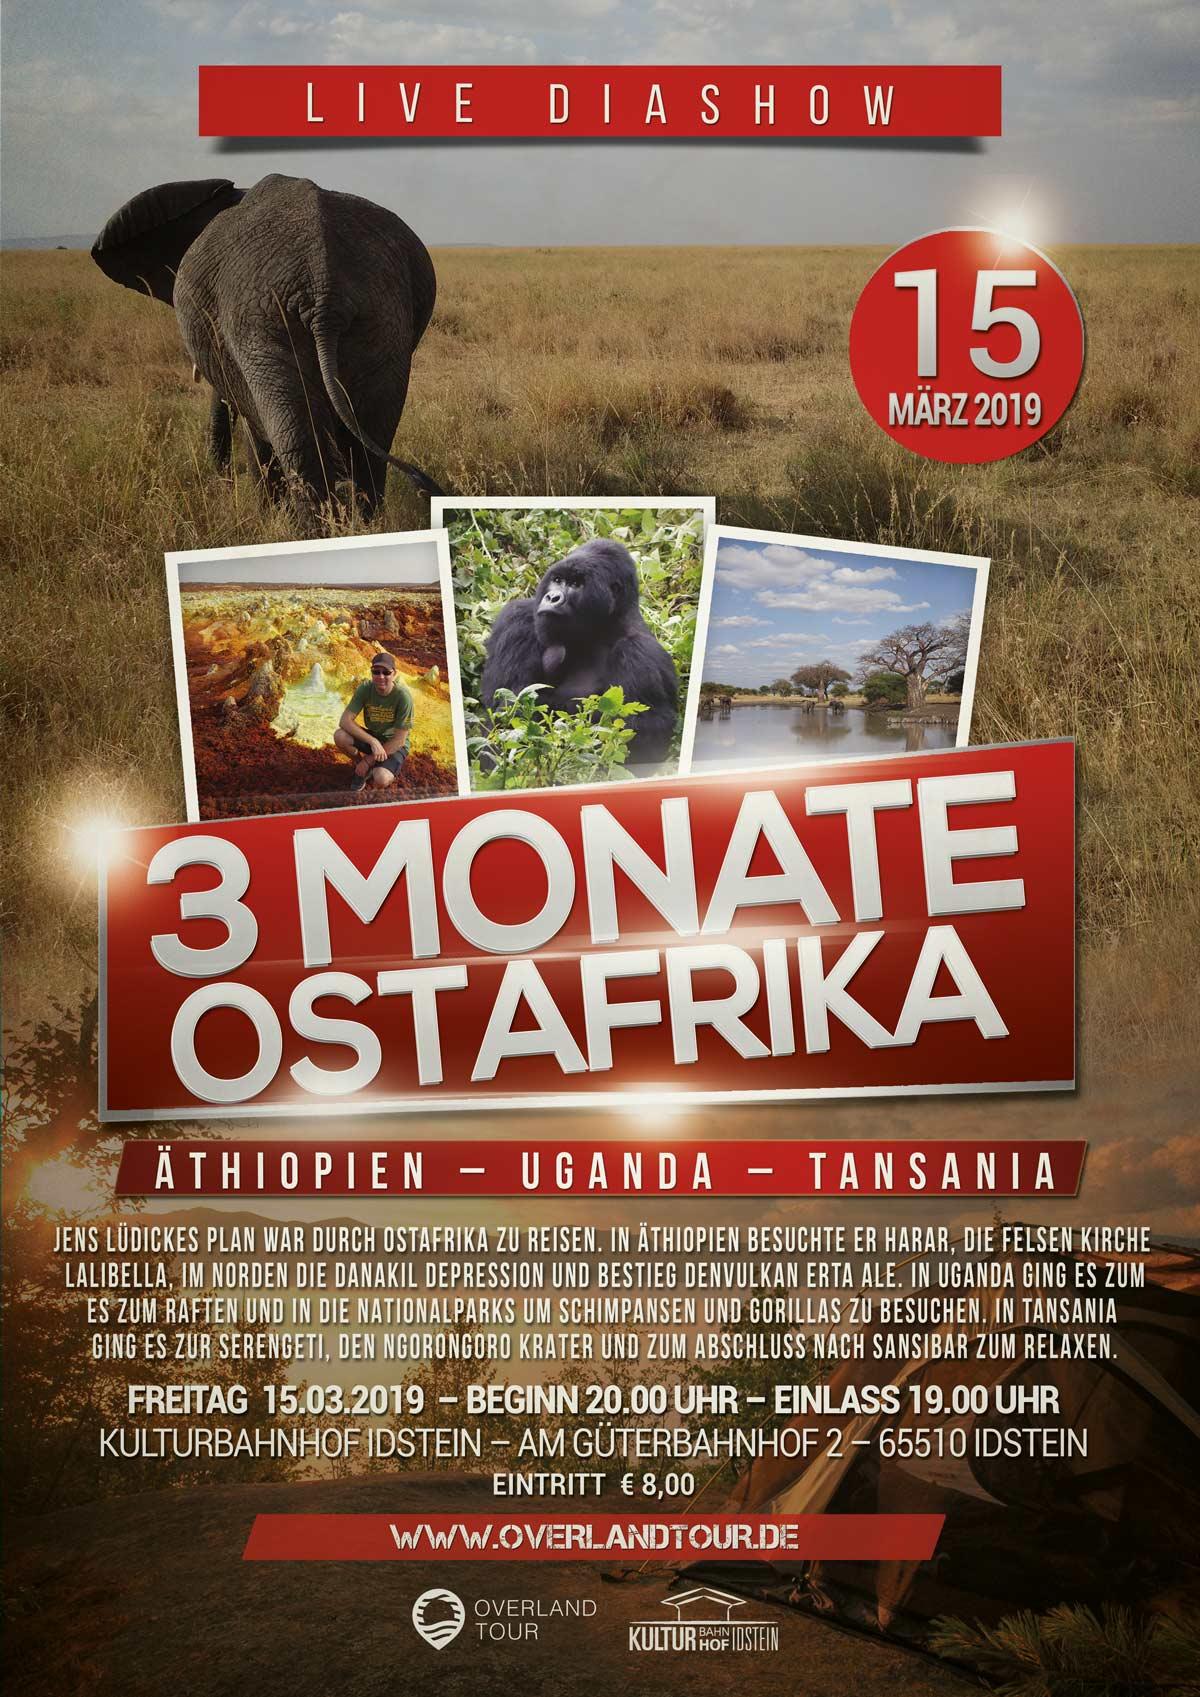 3 Monate Ostarfrika - Mit dem Rucksack durch Äthiopien, Uganda und Tansania - LIVE DIASHOW